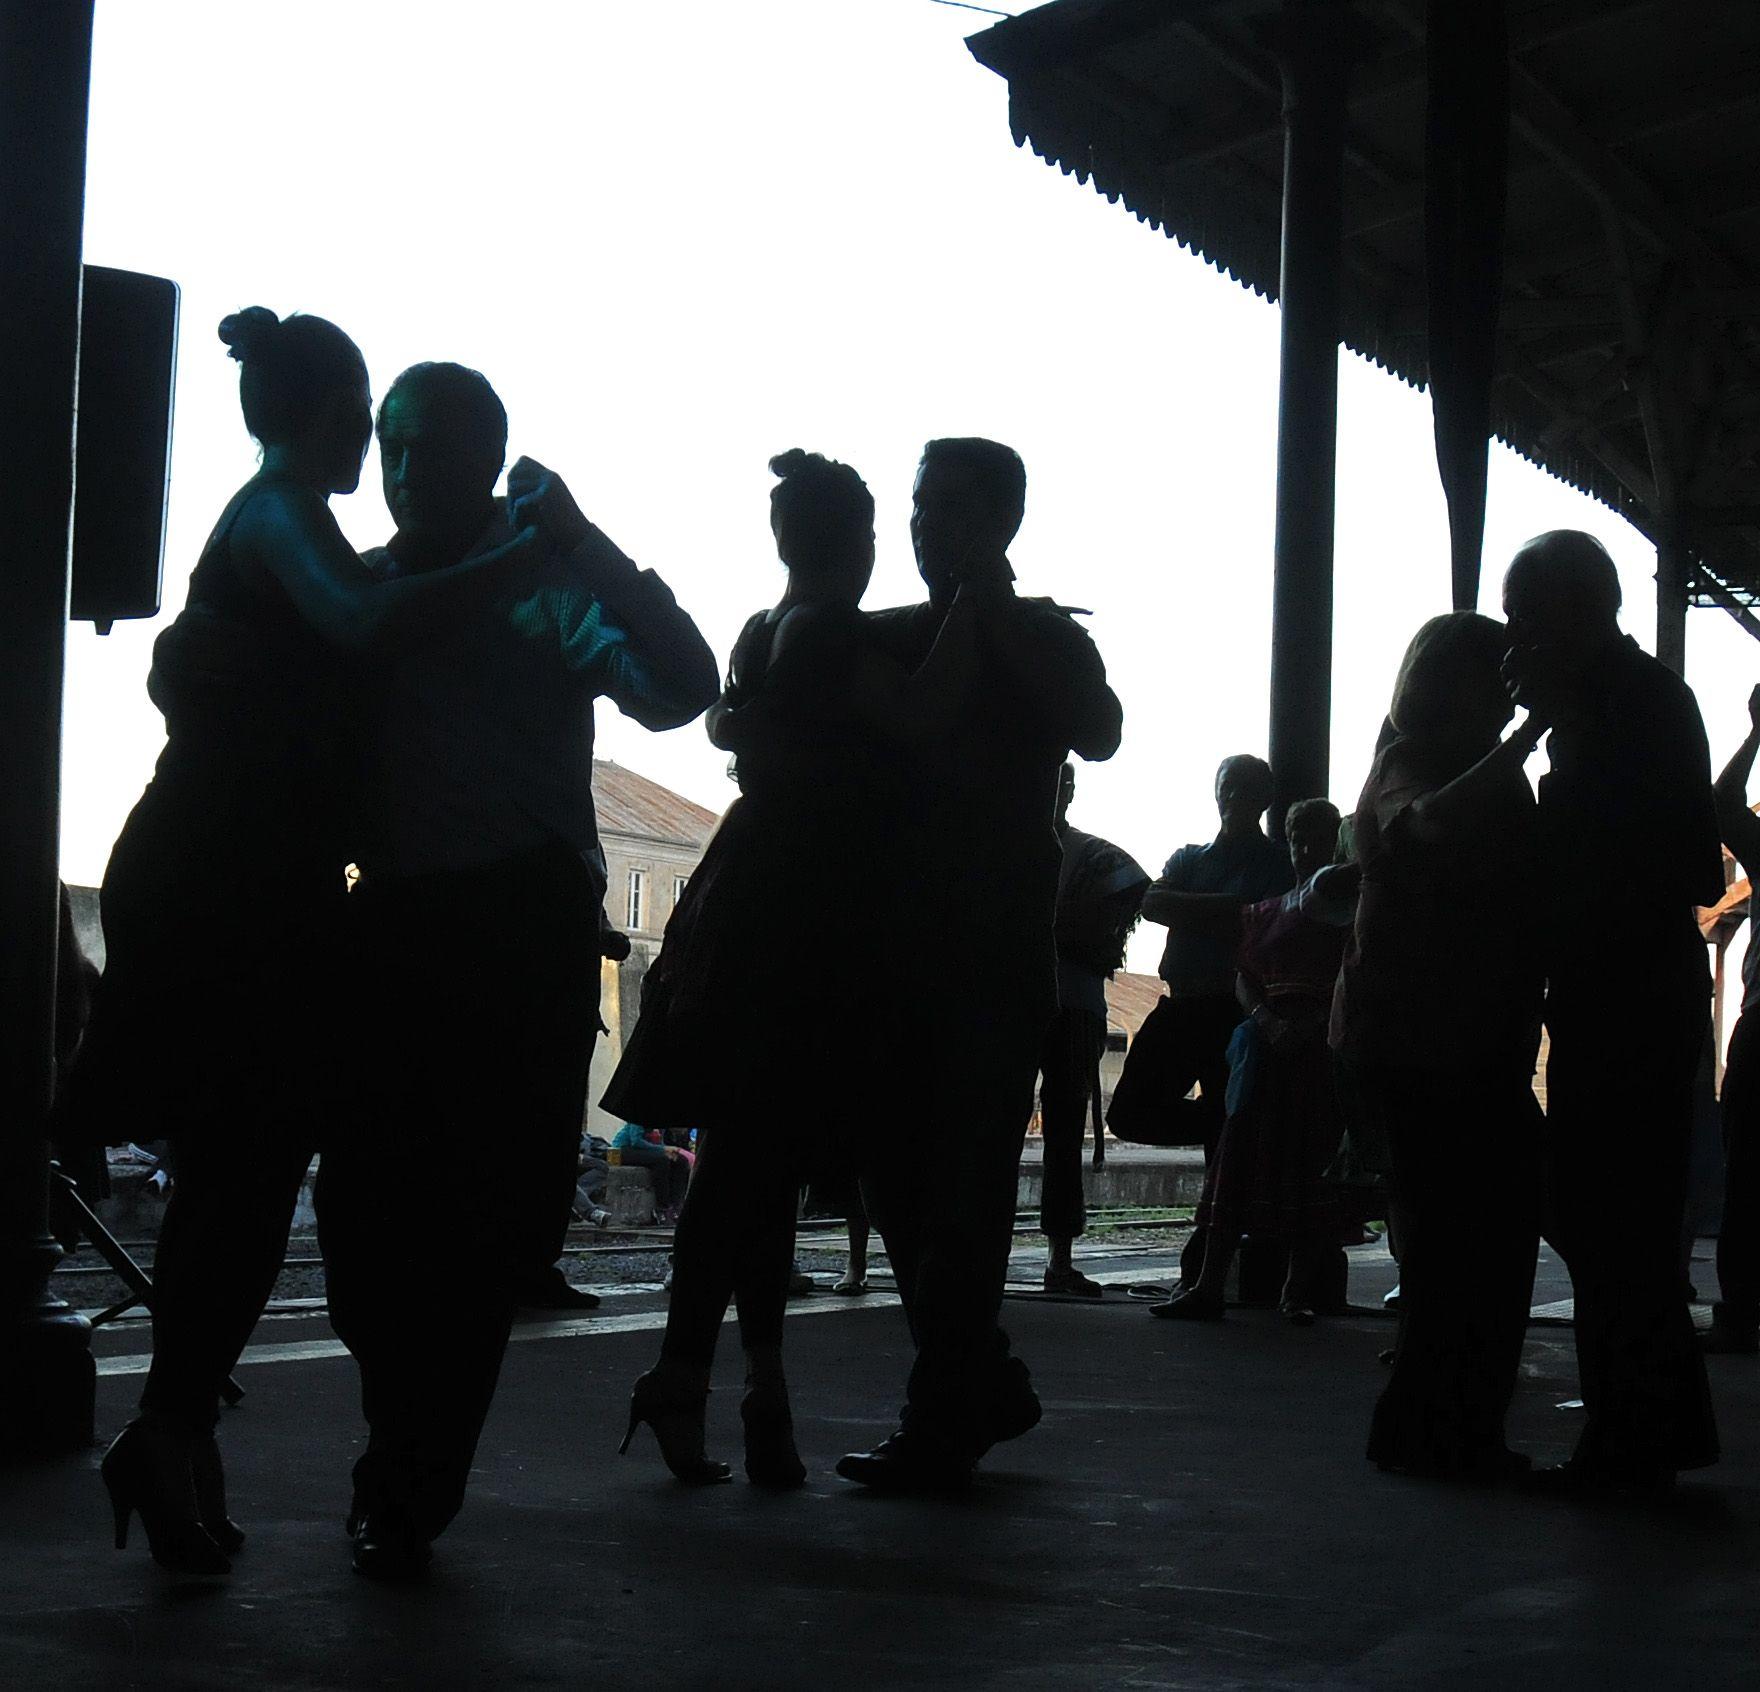 Parejas de baile poblaron los andenes de la estación.